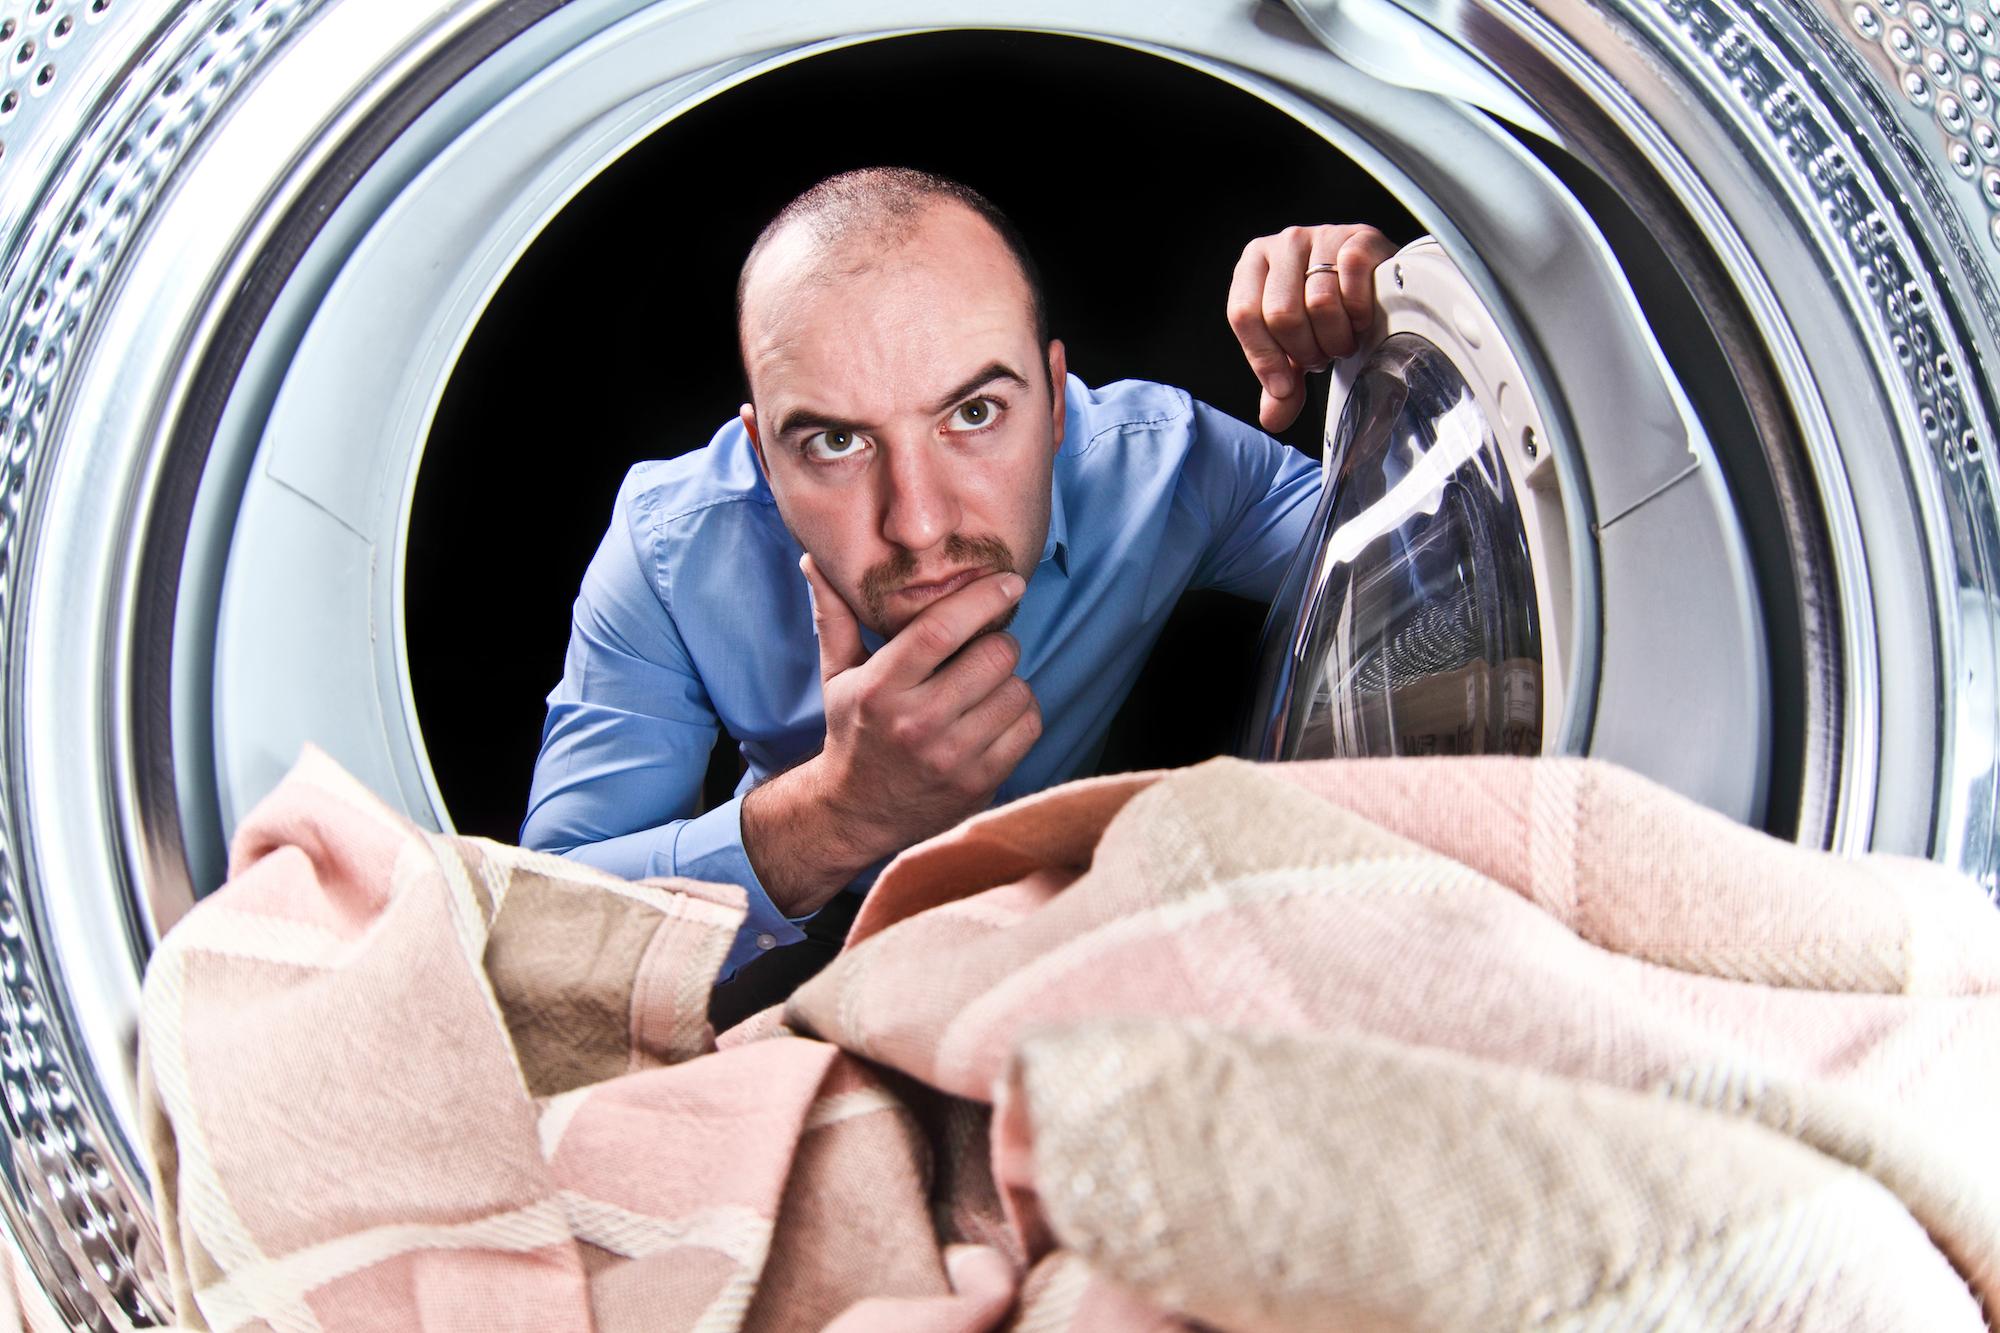 Waschmaschine Schleudert Nicht Wir Testen Waschmaschinen